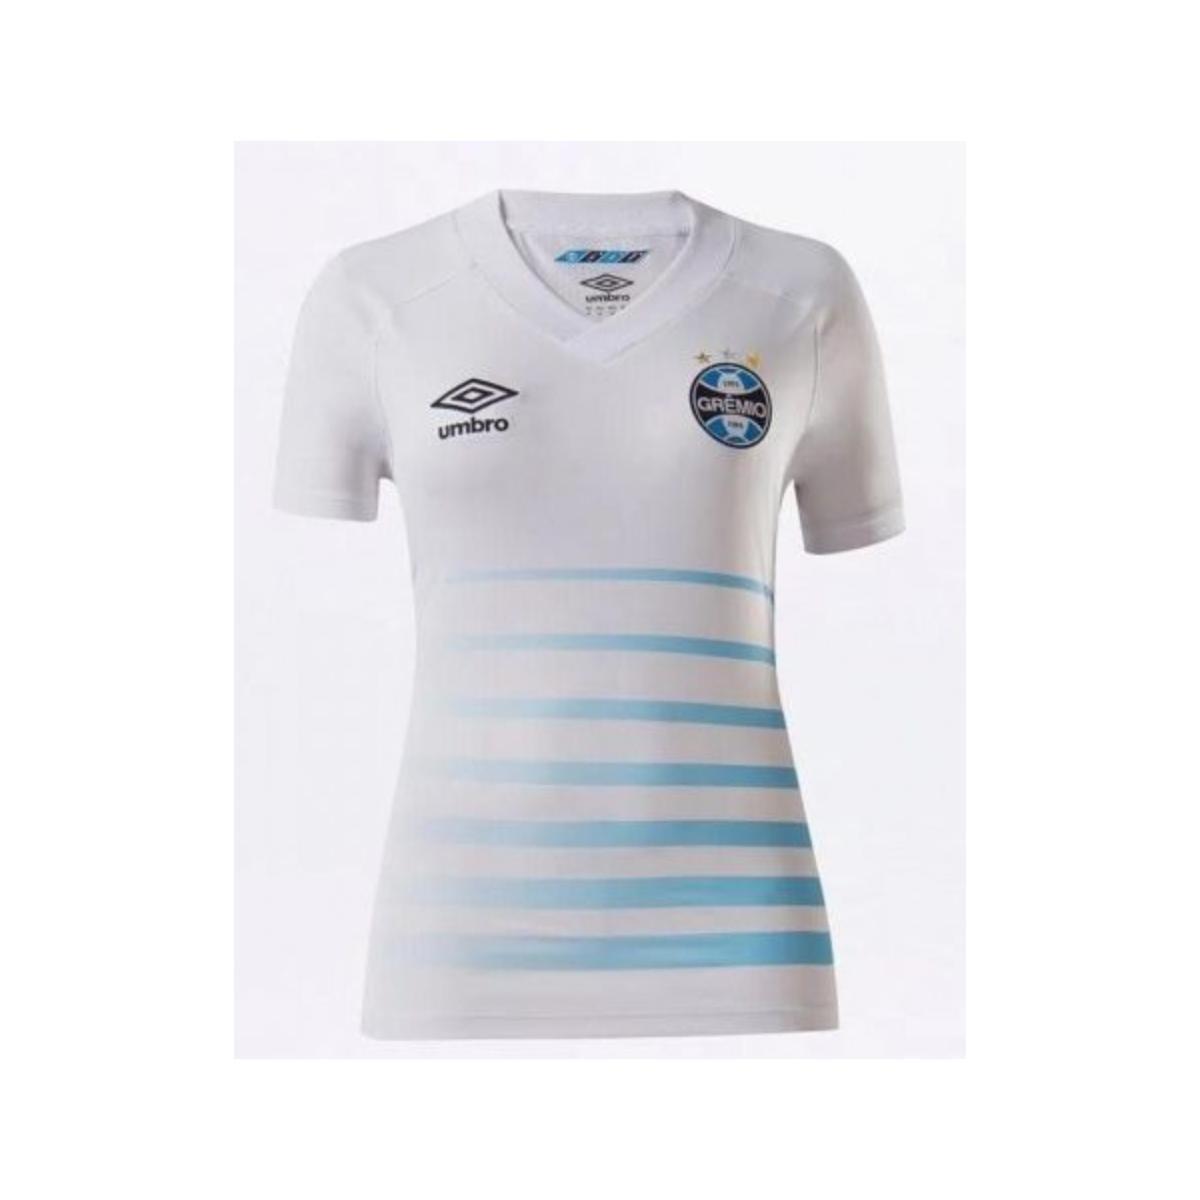 Camiseta Feminina Grêmio U32g034 Fem 0f 2 2021 Branco/azul